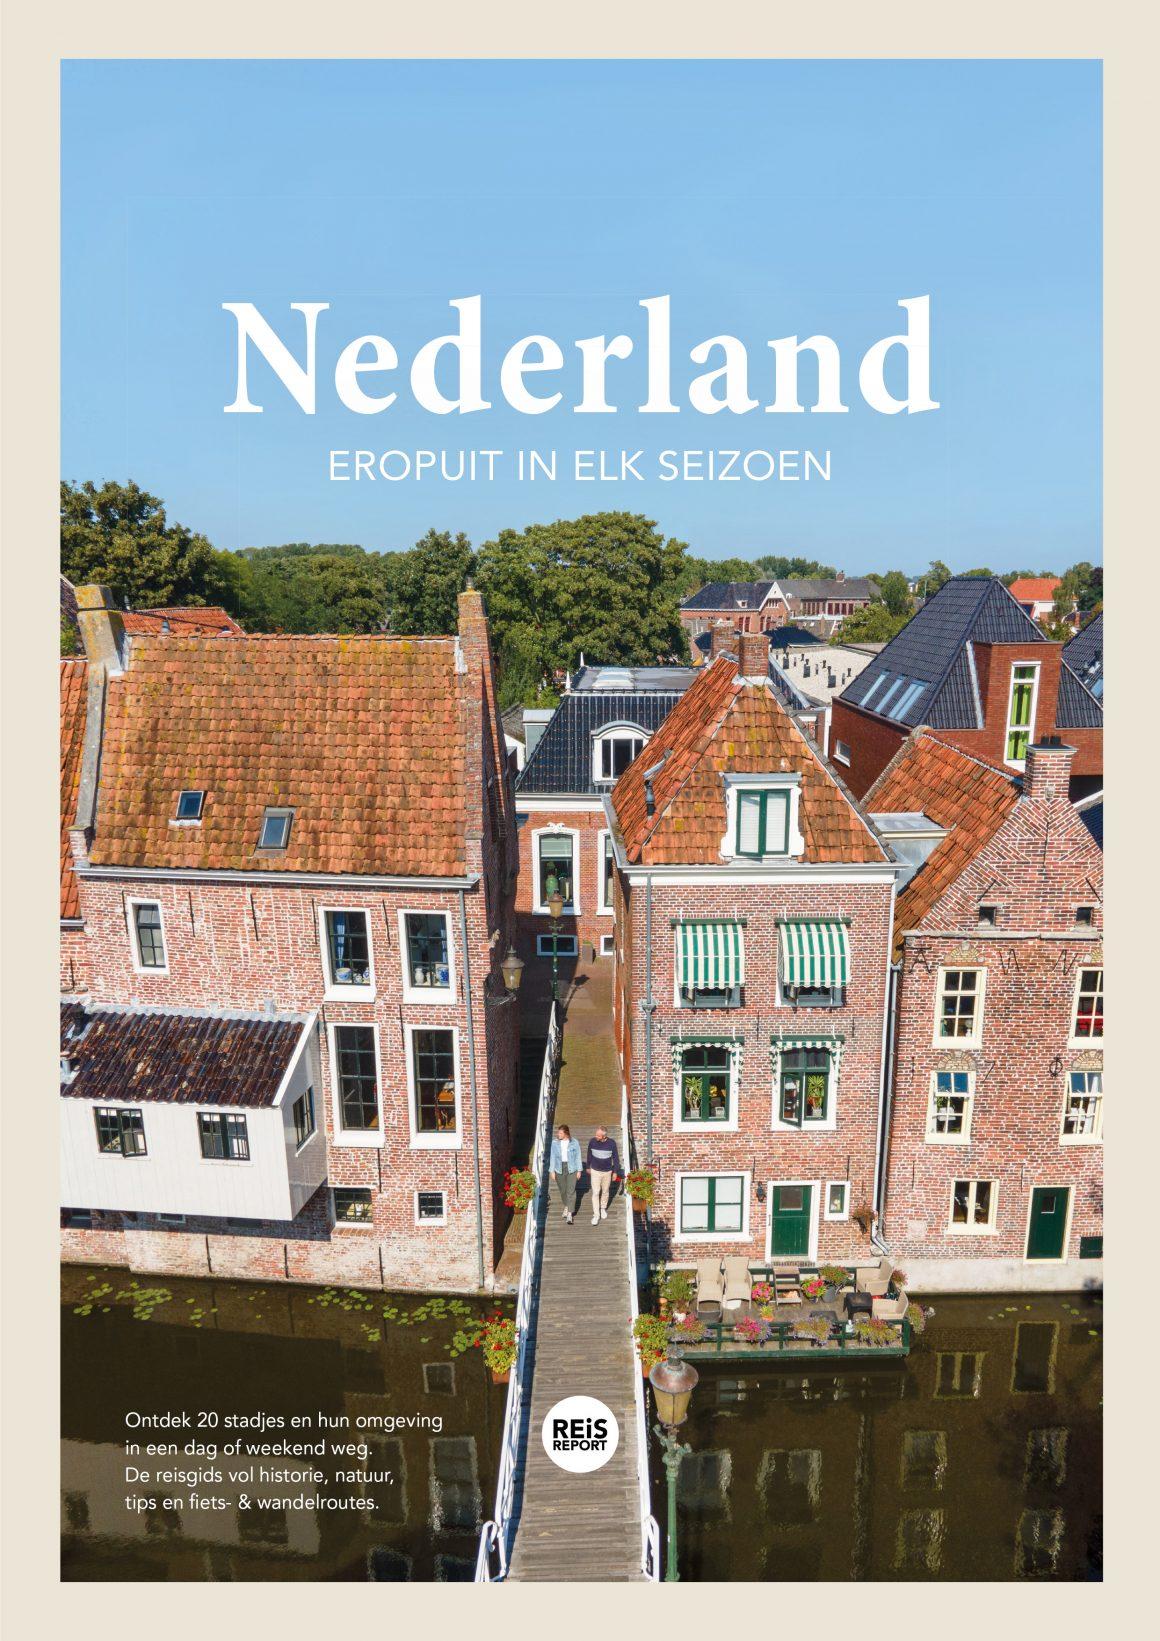 Nederland - Eropuit in elk seizoen 9789083042787 Marlou Jacobs en Godfried van Loo REiSREPORT   Reisgidsen Nederland